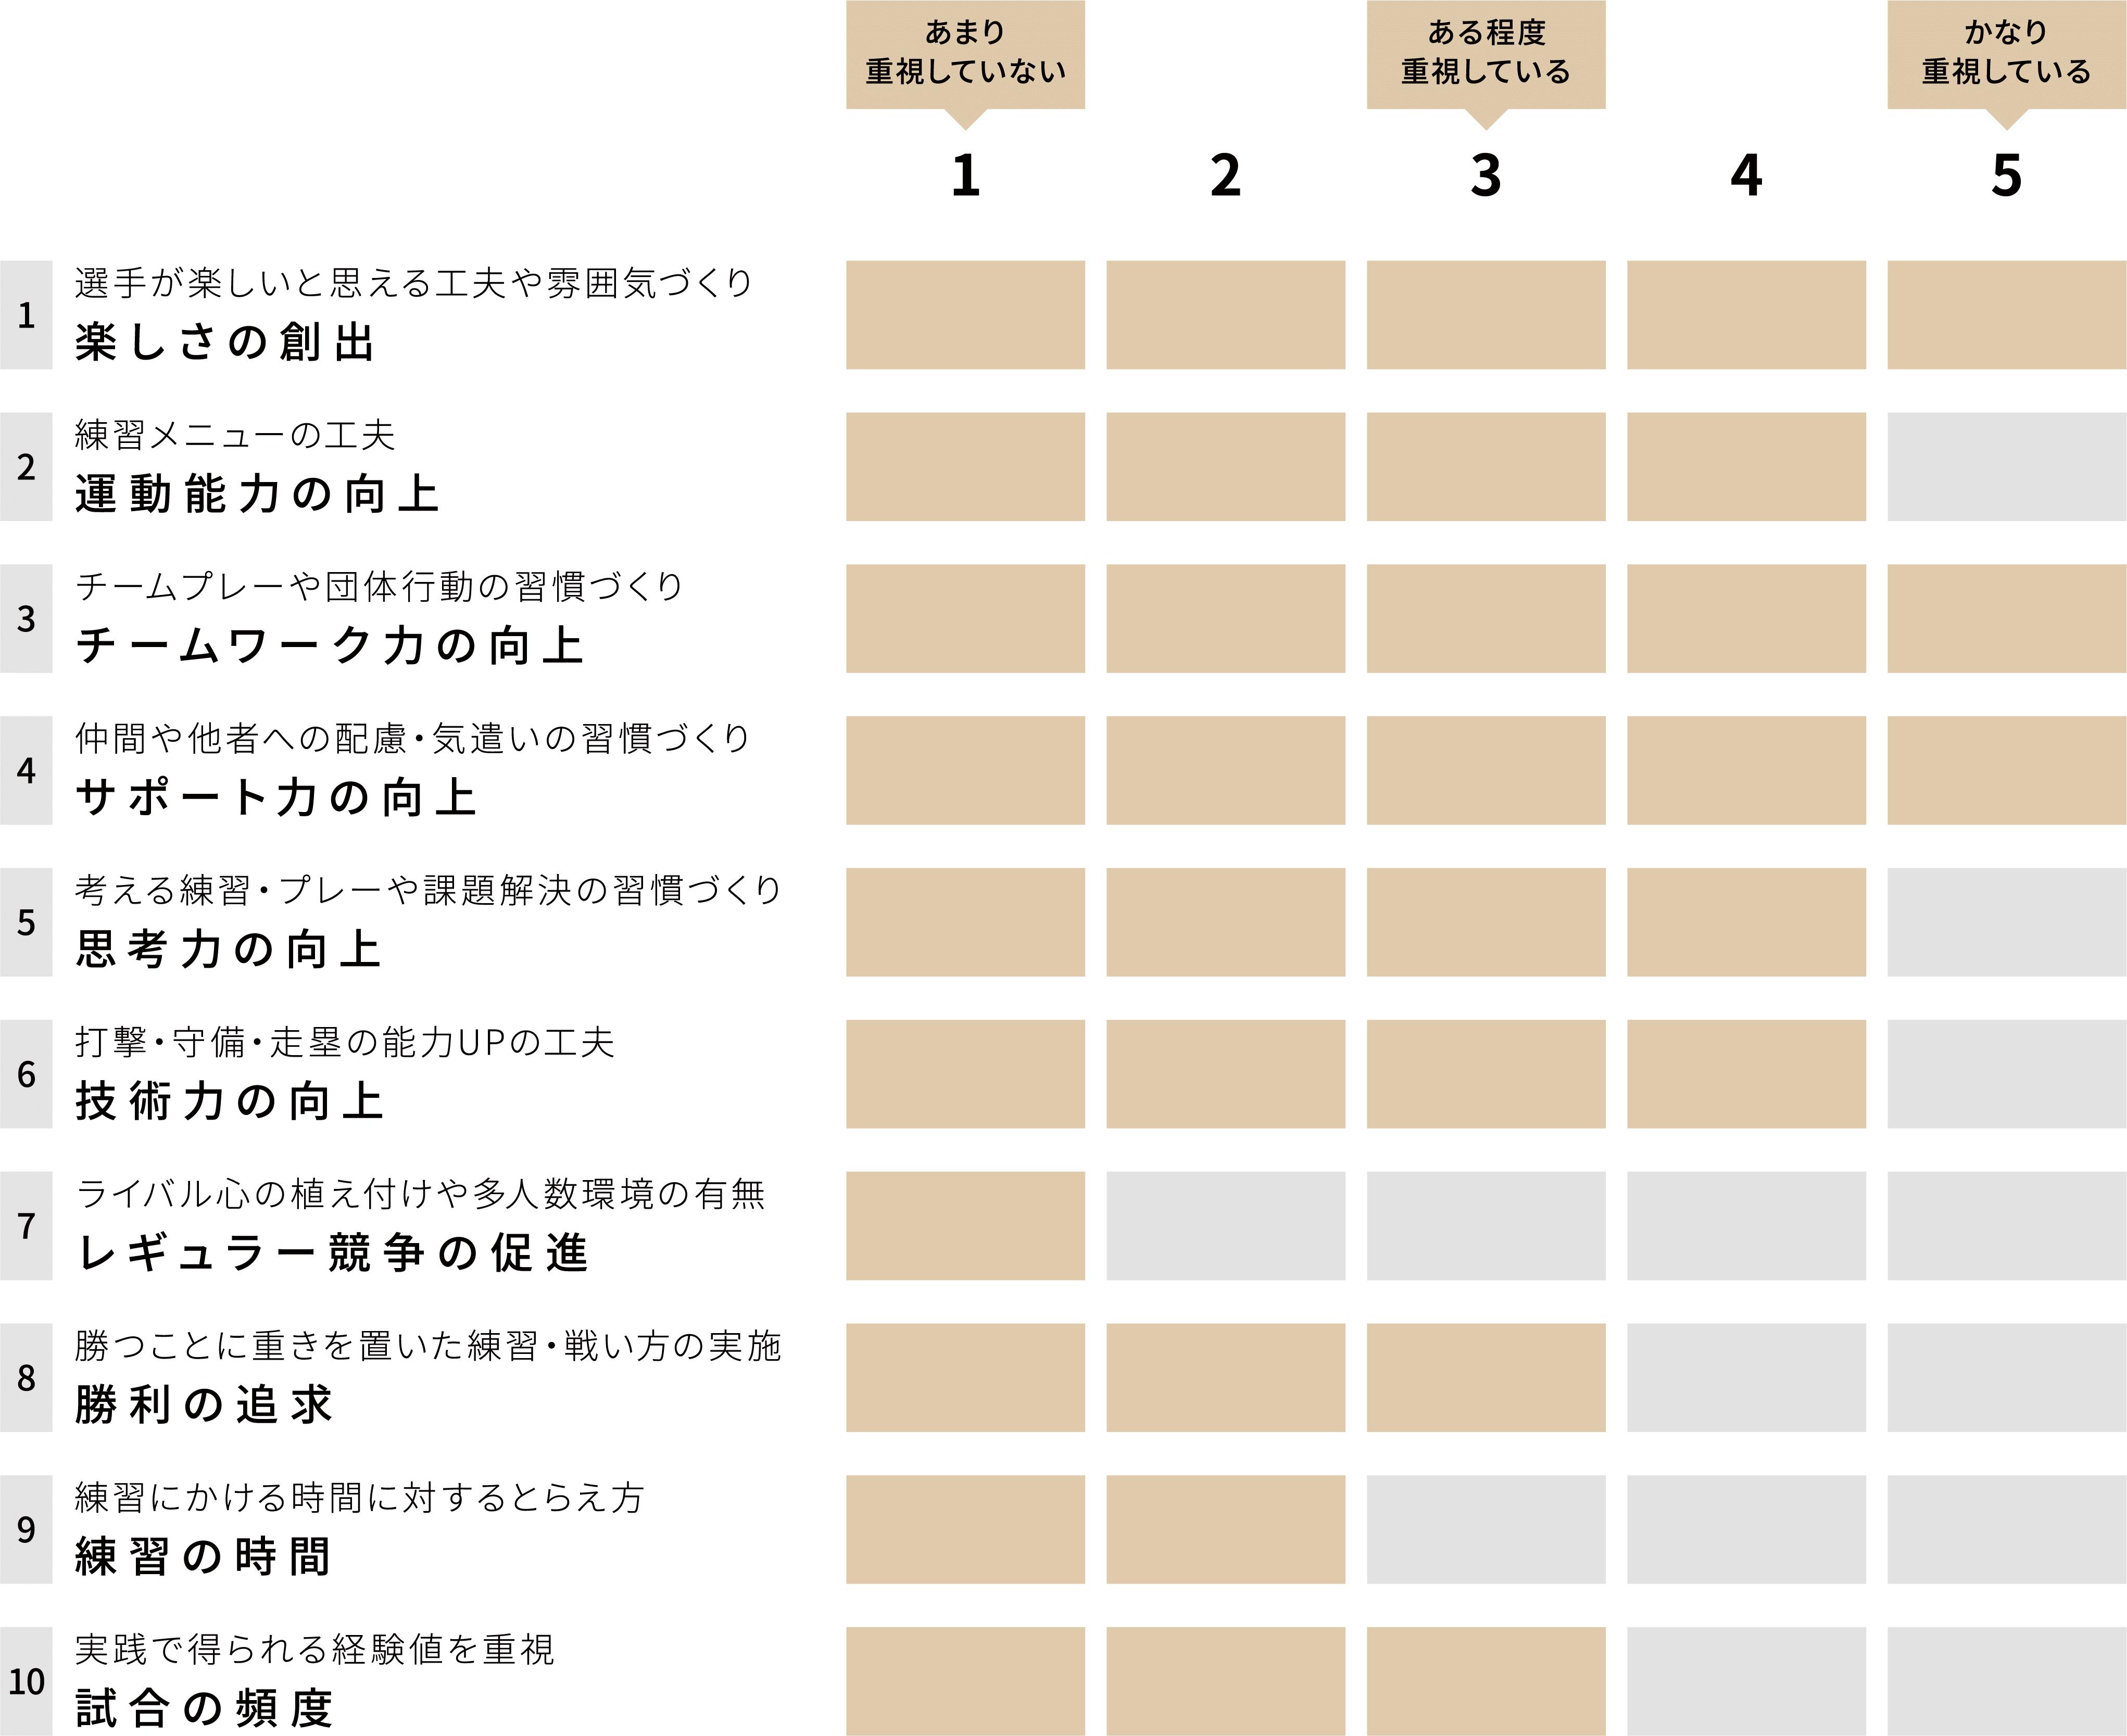 都島ブラックファイターズ チーム重視グラフ